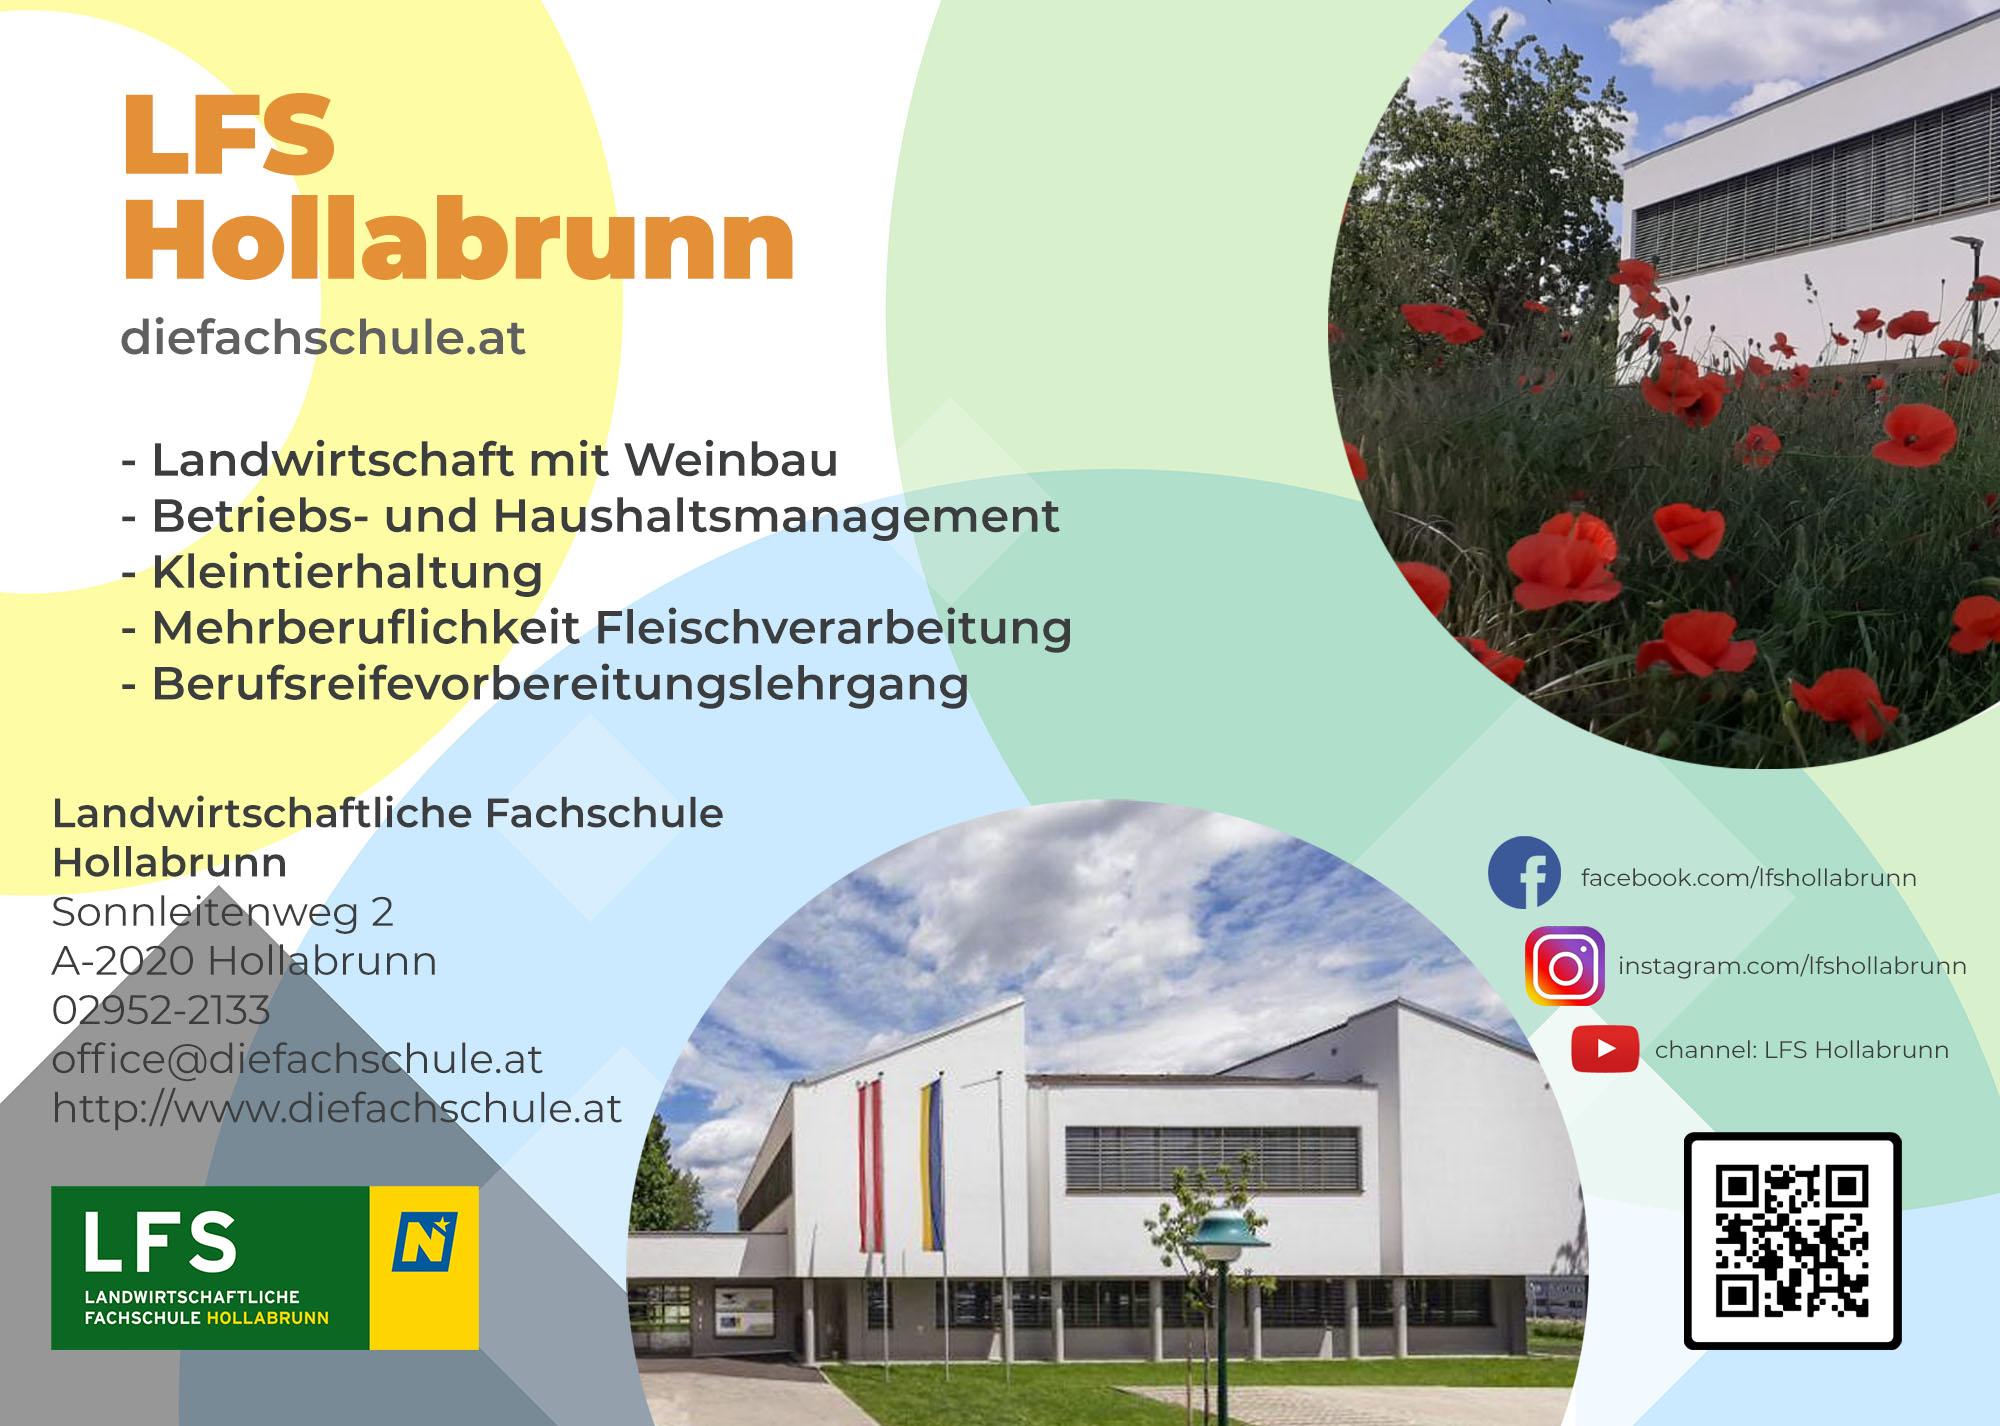 LFS Hollabrunn